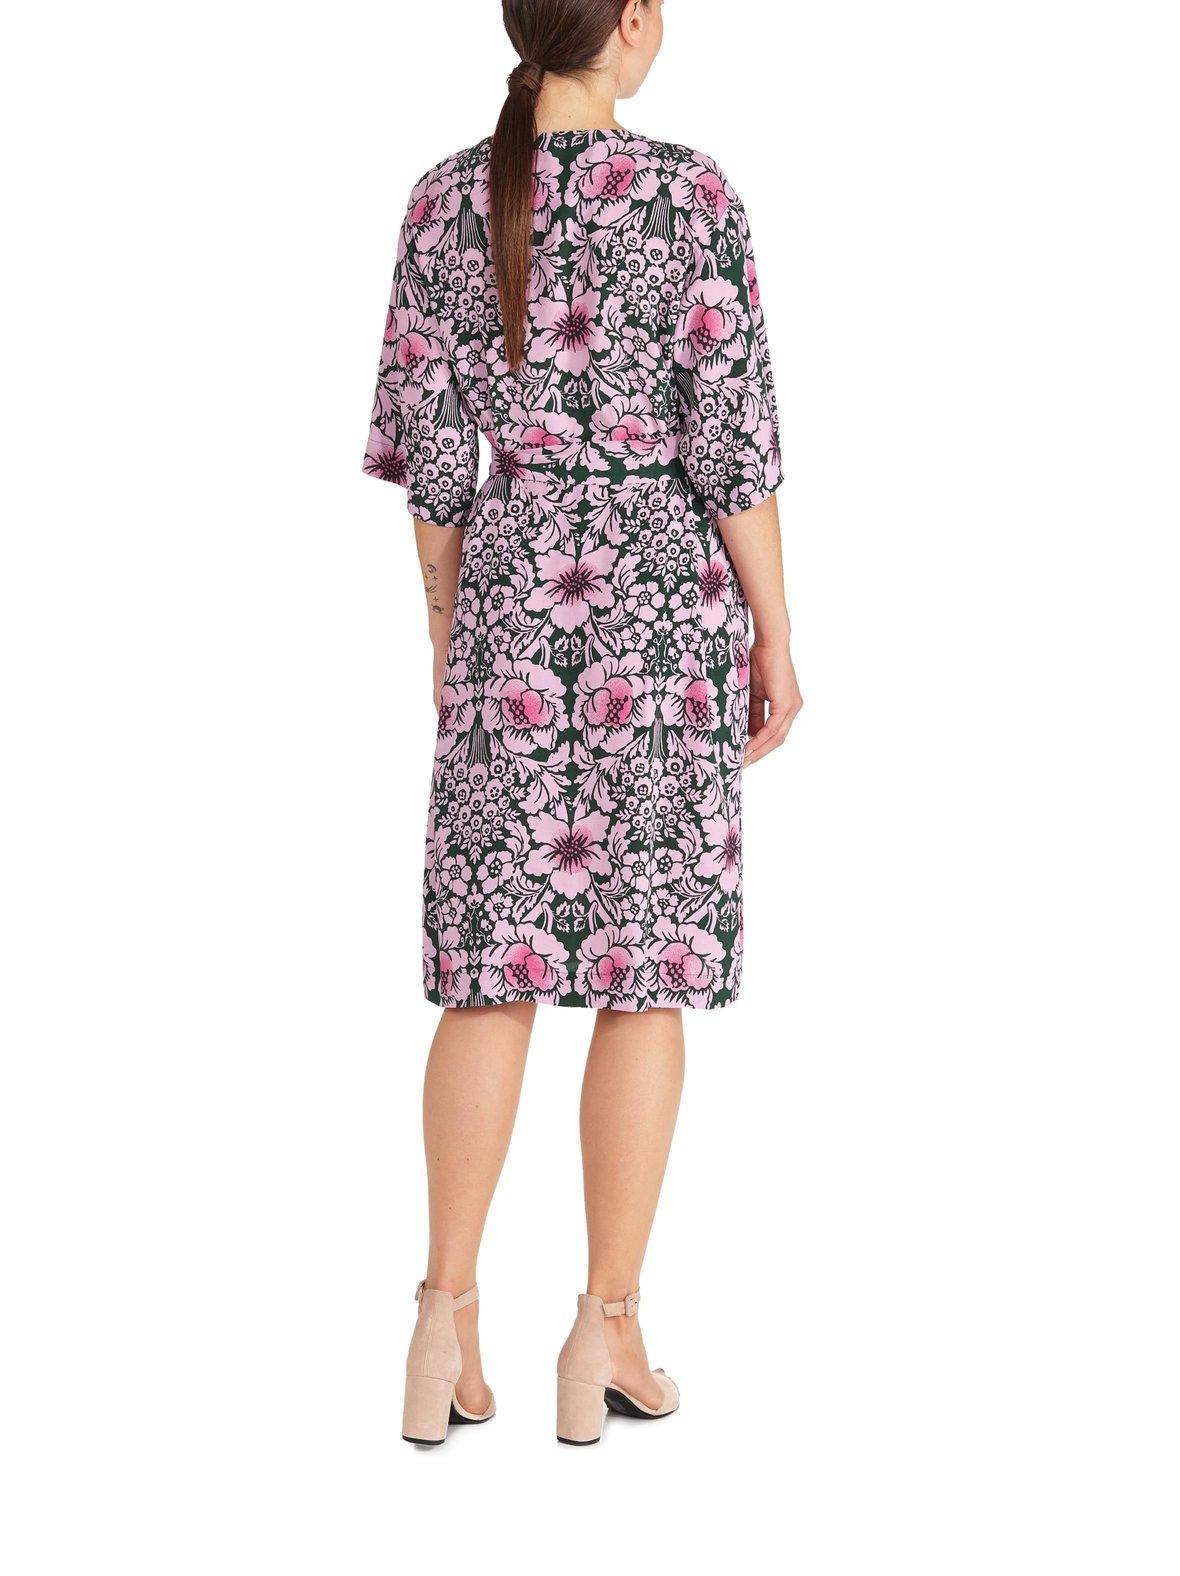 rajoitettu guantity myyntipiste myynnissä yksinoikeudella kengät Lidia Juhannus -mekko